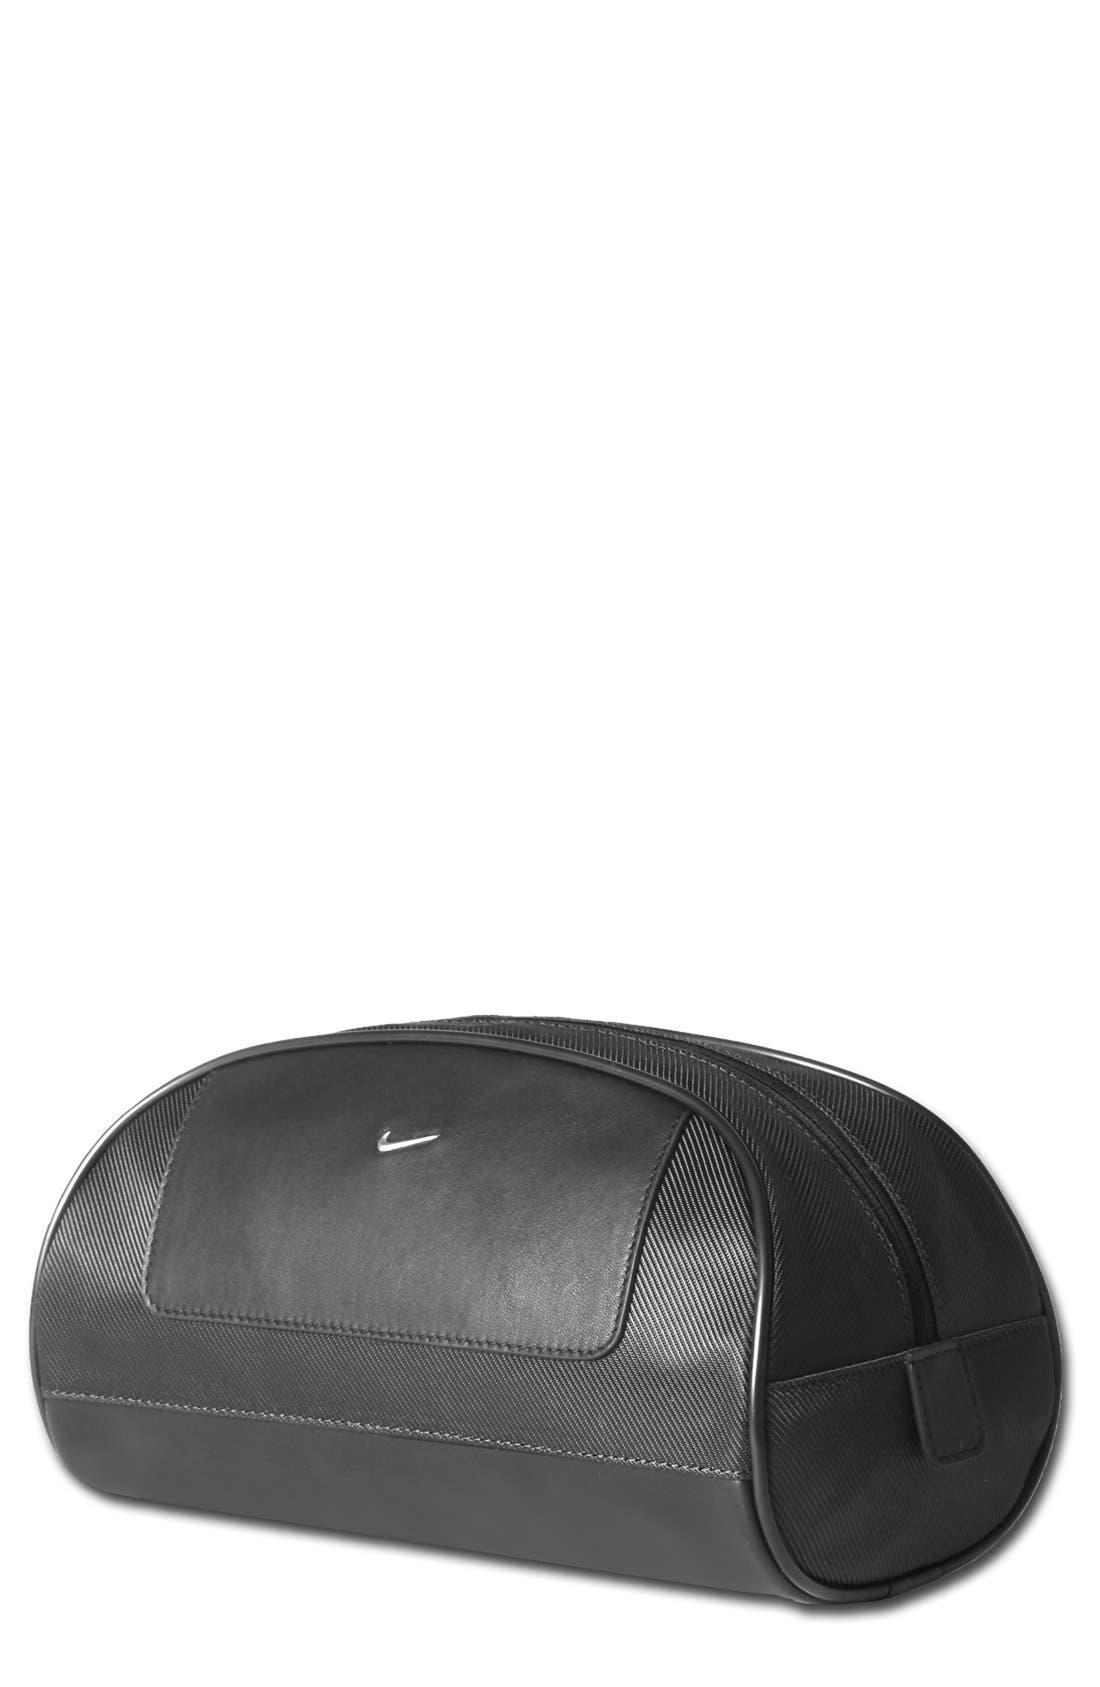 Leather Travel Kit,                             Main thumbnail 1, color,